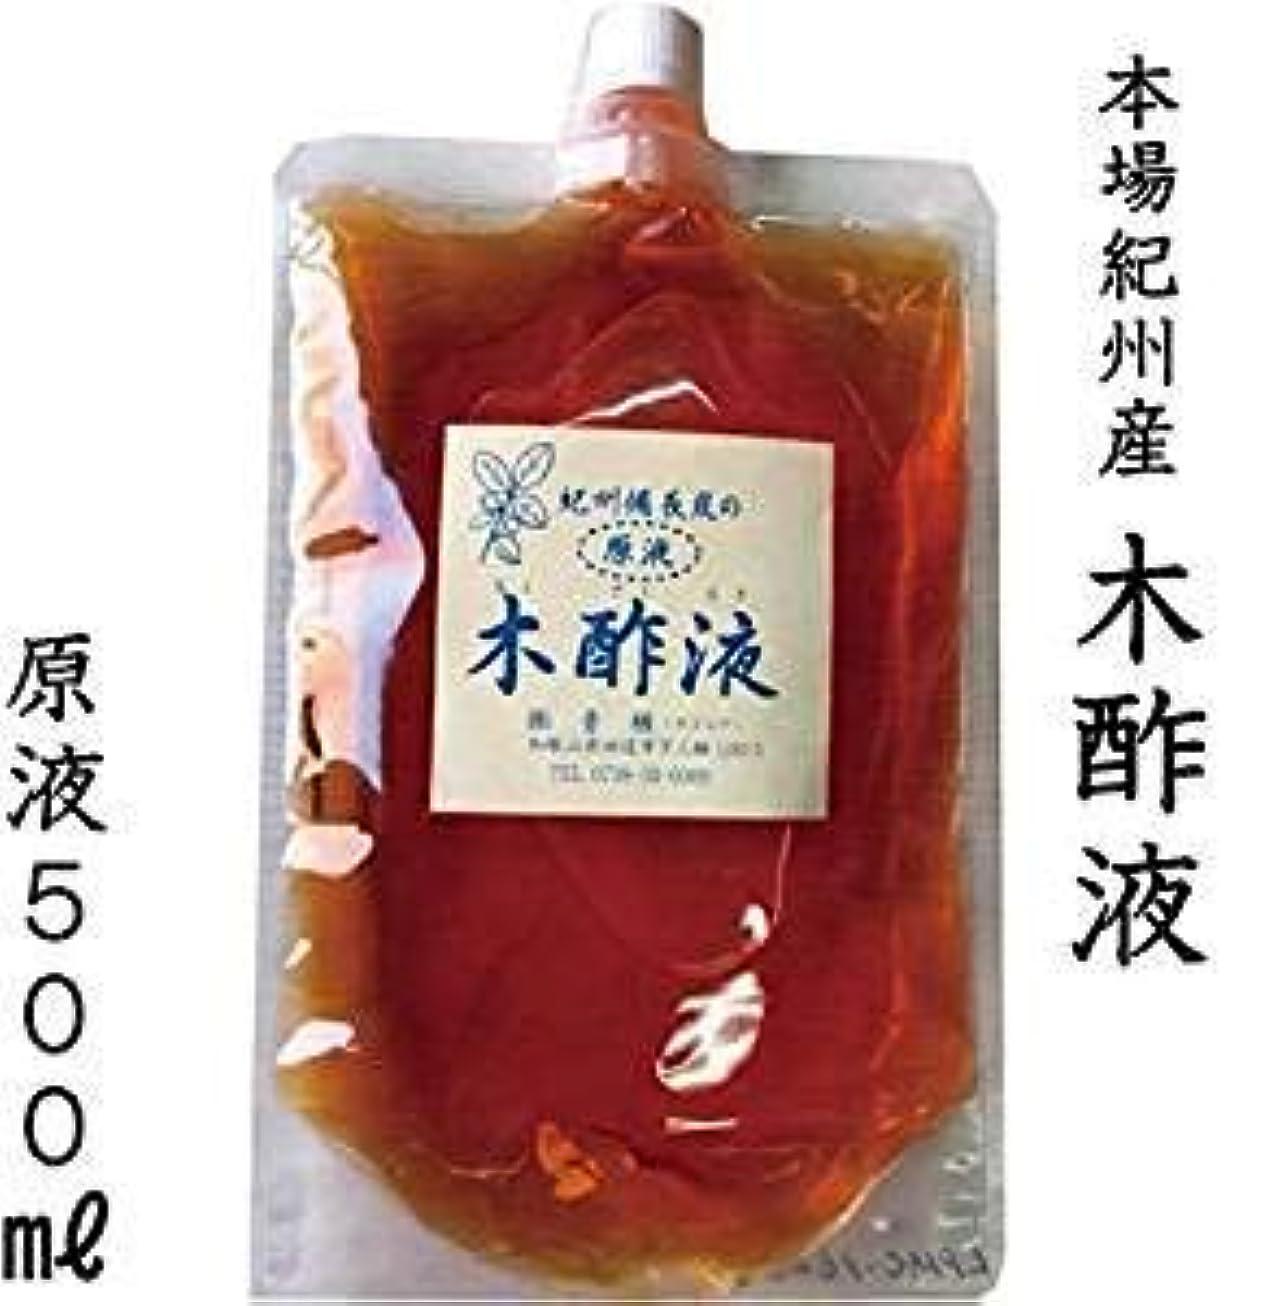 救援ブリード繊細紀州備長炭 木酢液 原液 入浴 お風呂用 (500ml×1個) 木酢